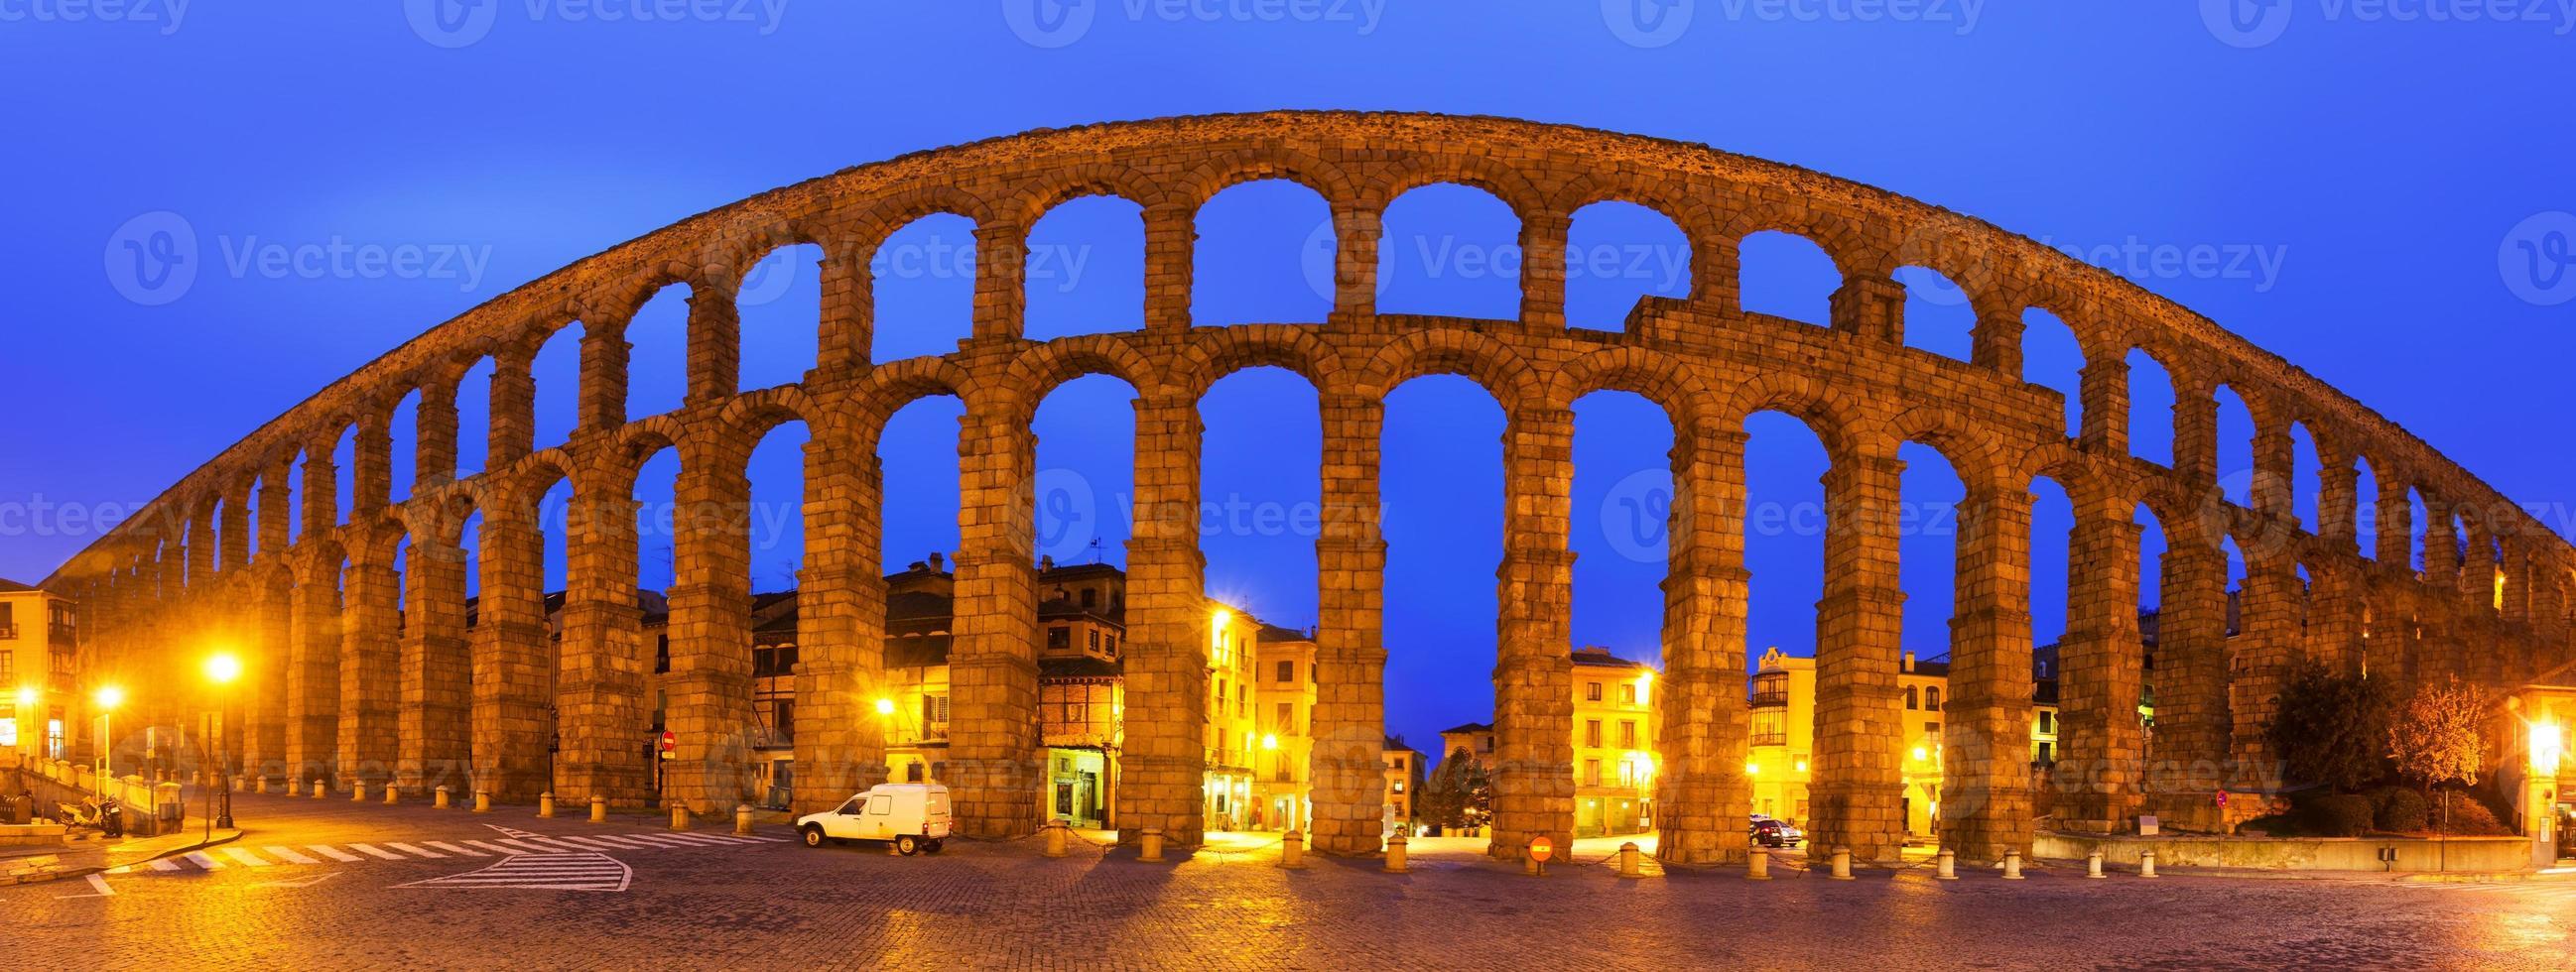 panorama van Romeinse aquaduct van segovia foto